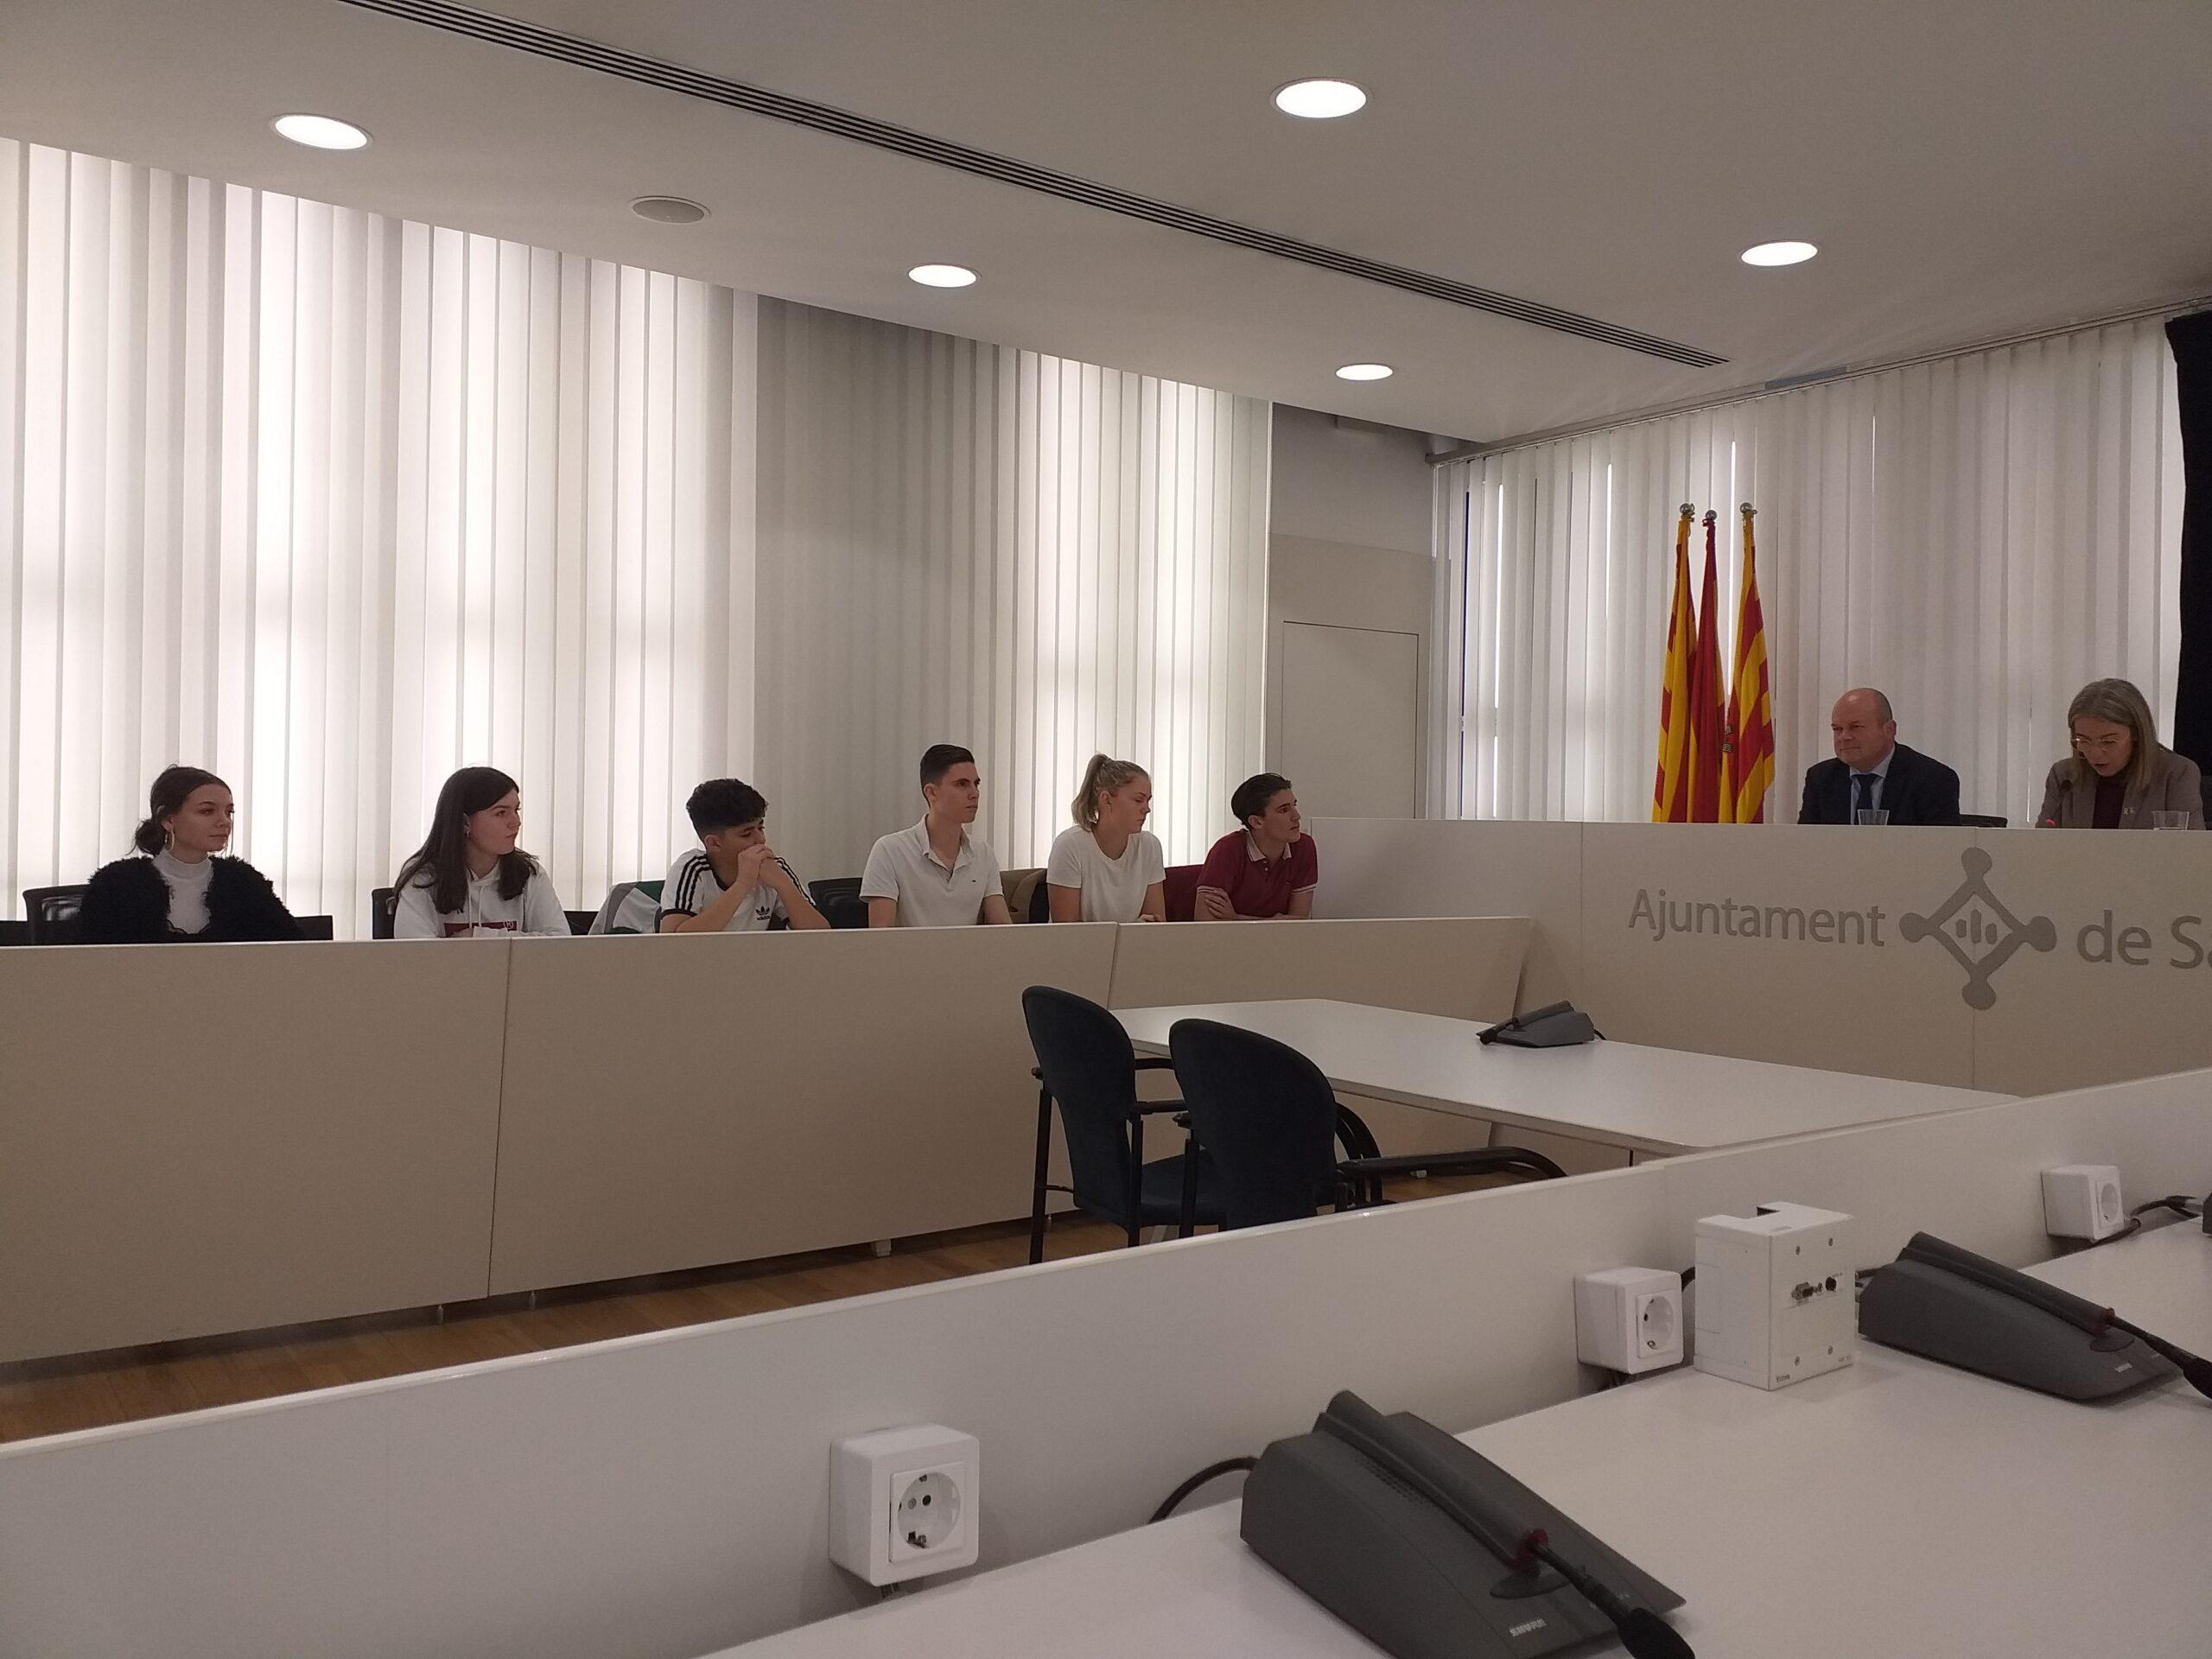 ARCH Intalnire cu primarul din Sant Cugat del Vallès